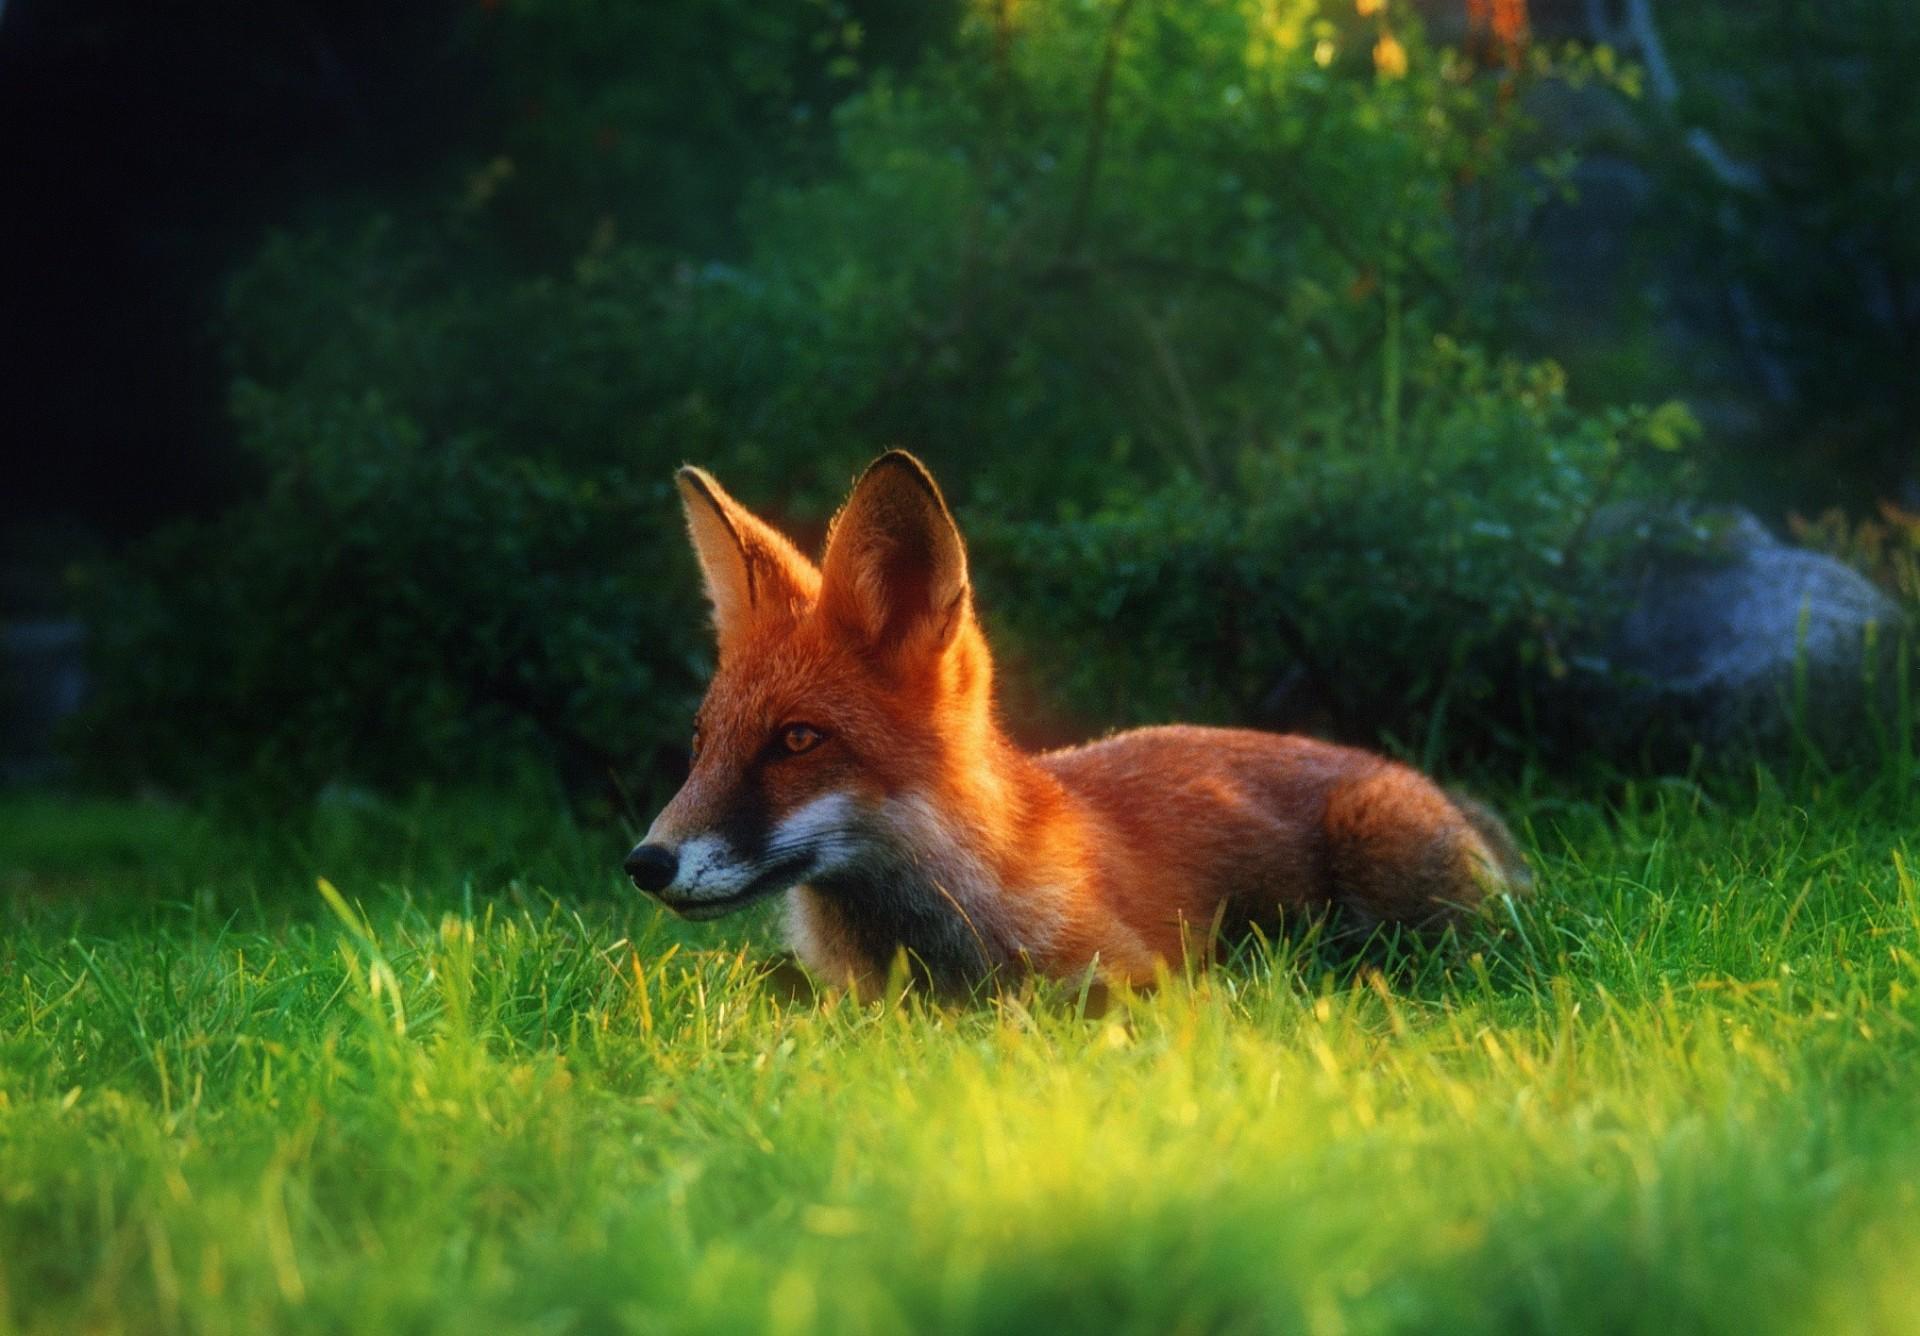 послужной список яркие картинки лисичек однажды непобедимую